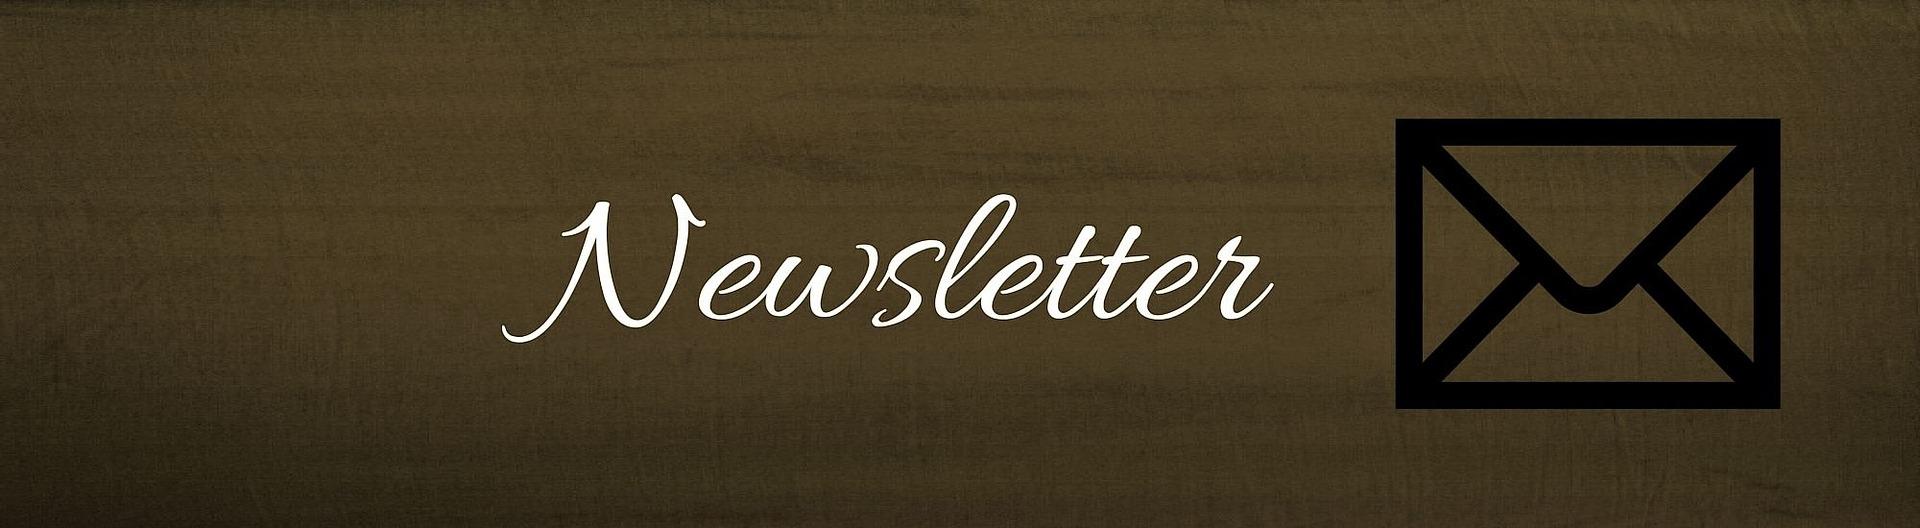 Banner Petras Newsletter: Abonniere meinen Newsletter und sichere dir ein kostenloses eBook!